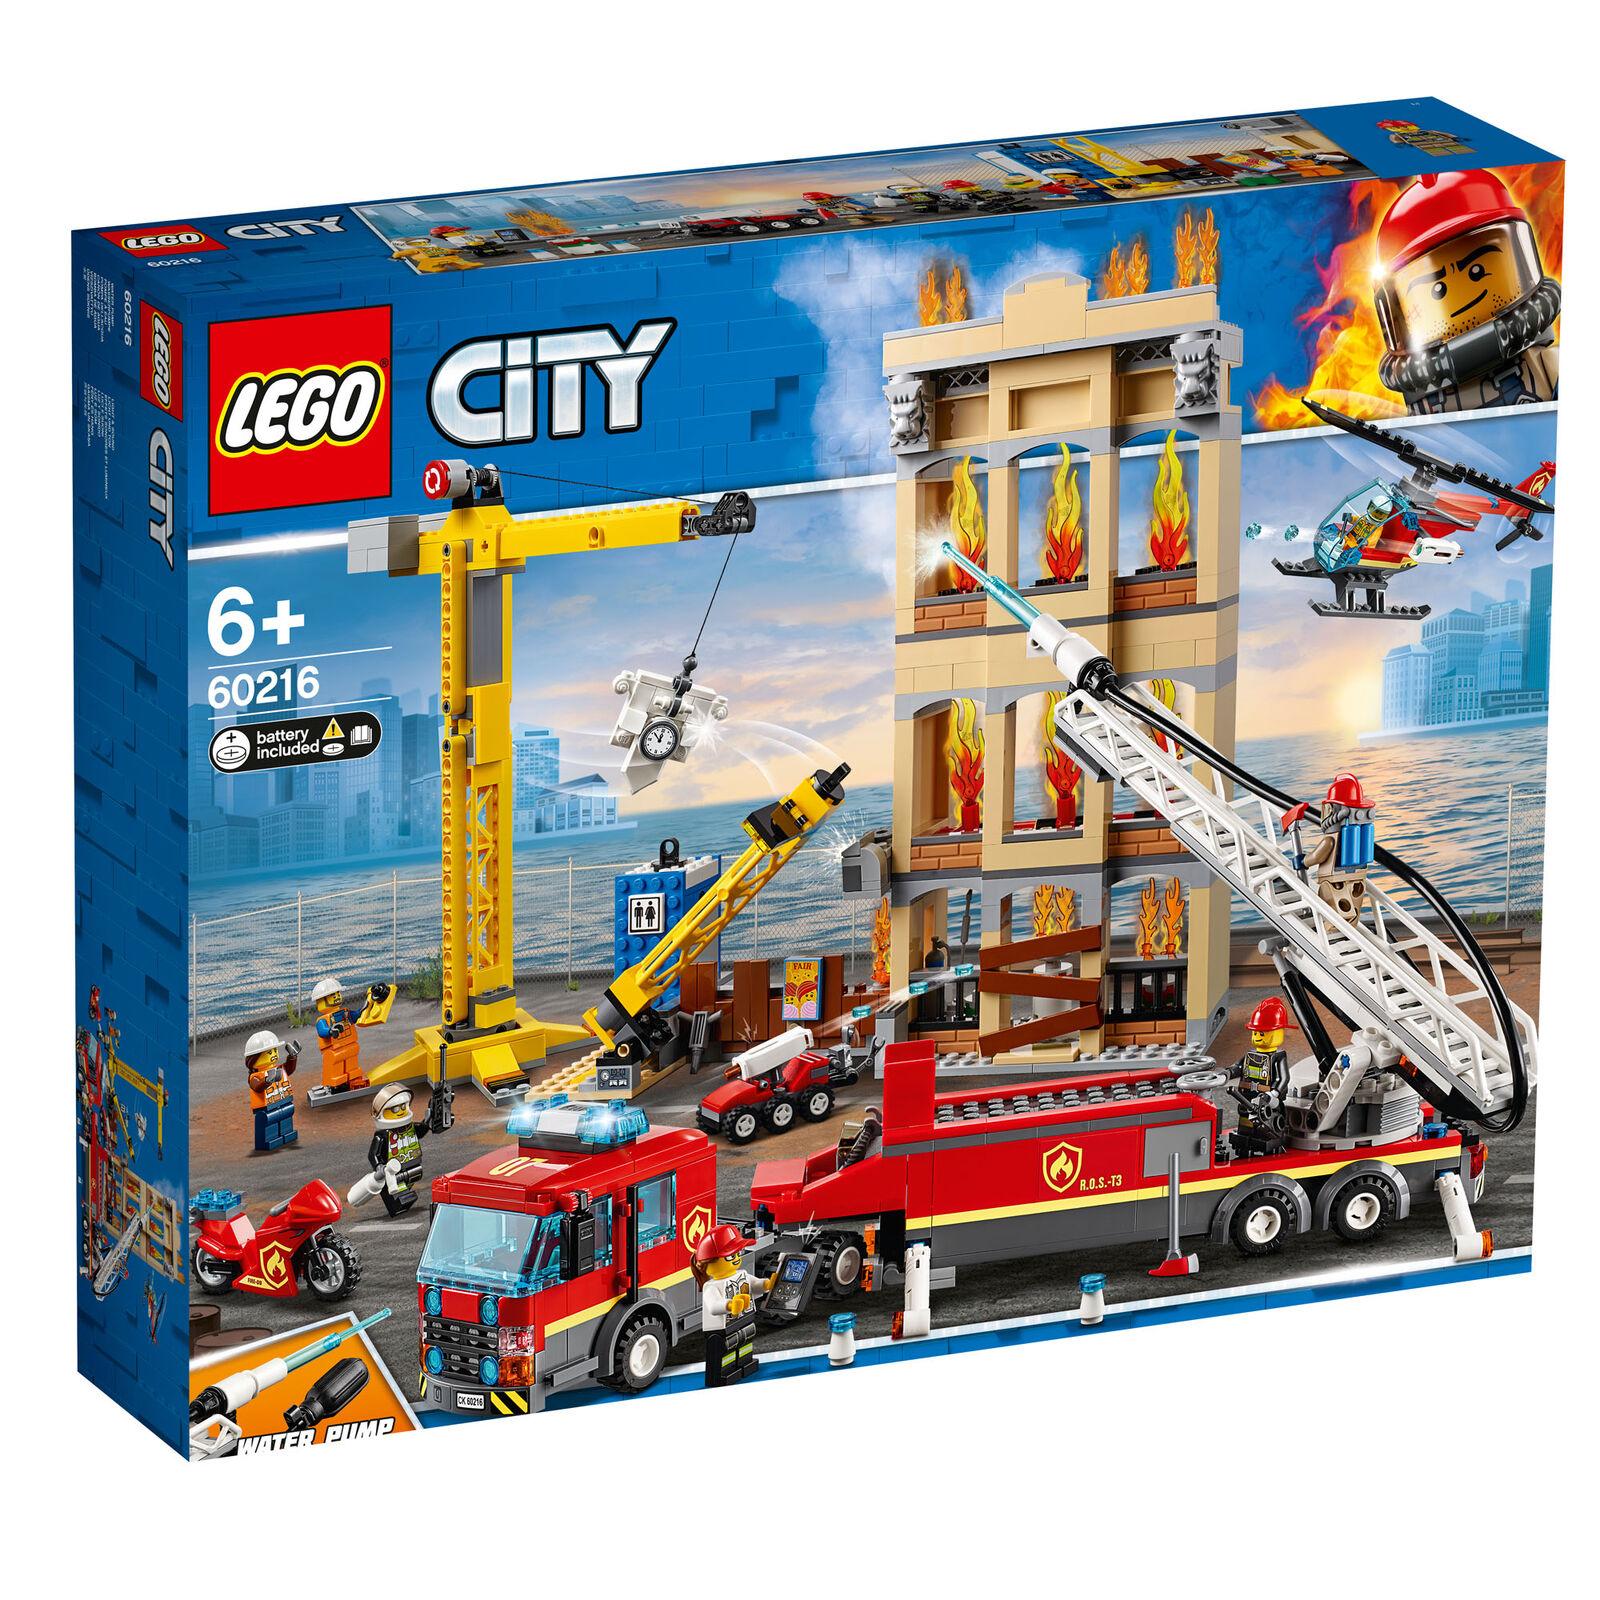 60216 LEGO CITY Downtown pompiers 943 PIECES 6 ans nouvelle version pour 2019